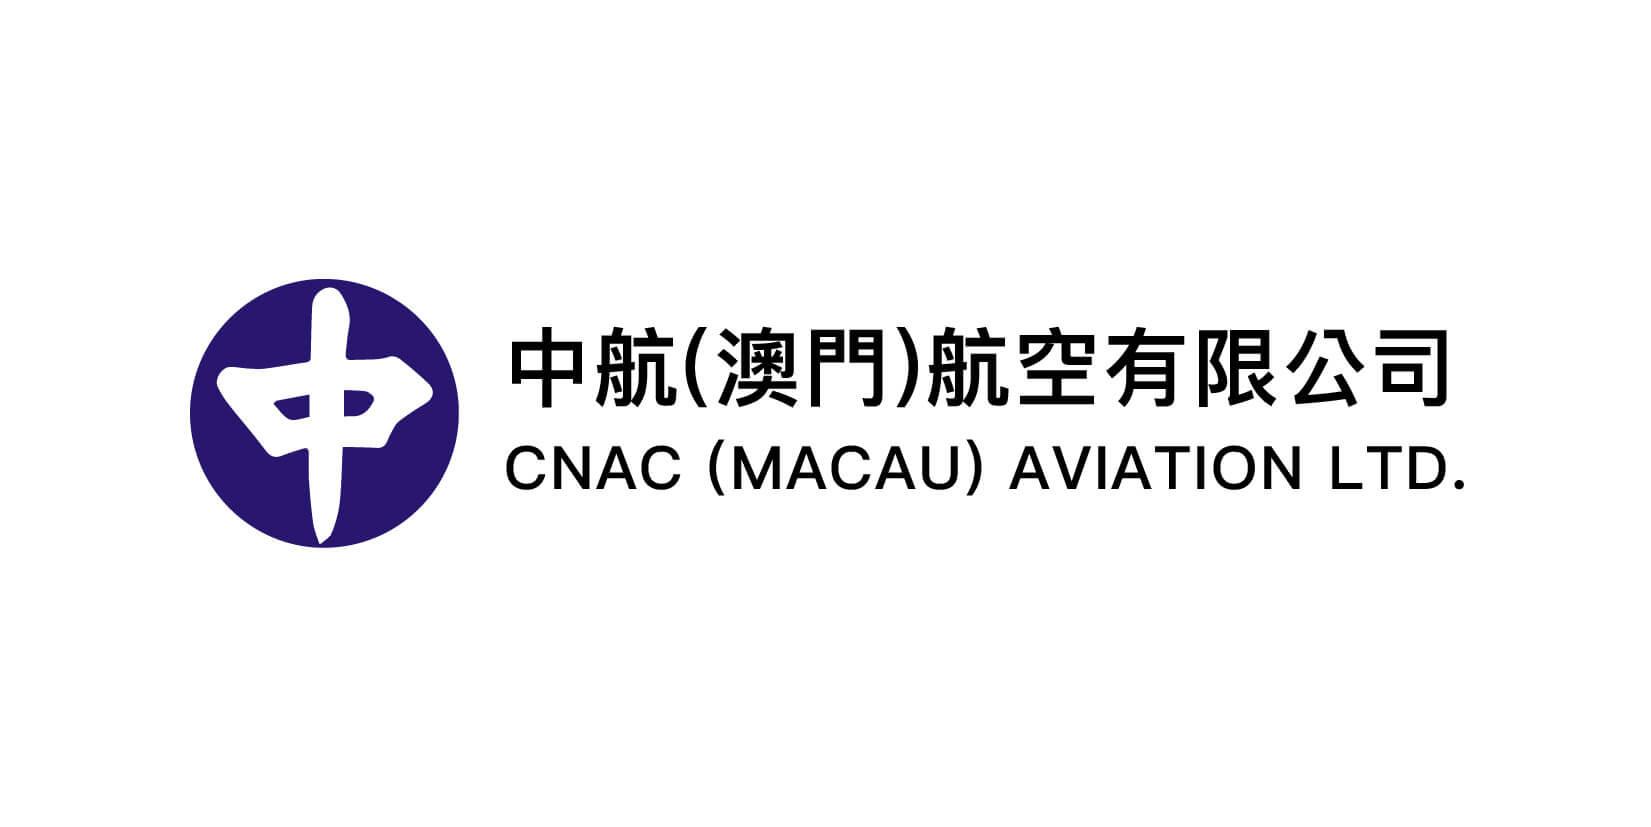 中航 macau jobscall.me recruitment ad 澳門招聘-01.jpg